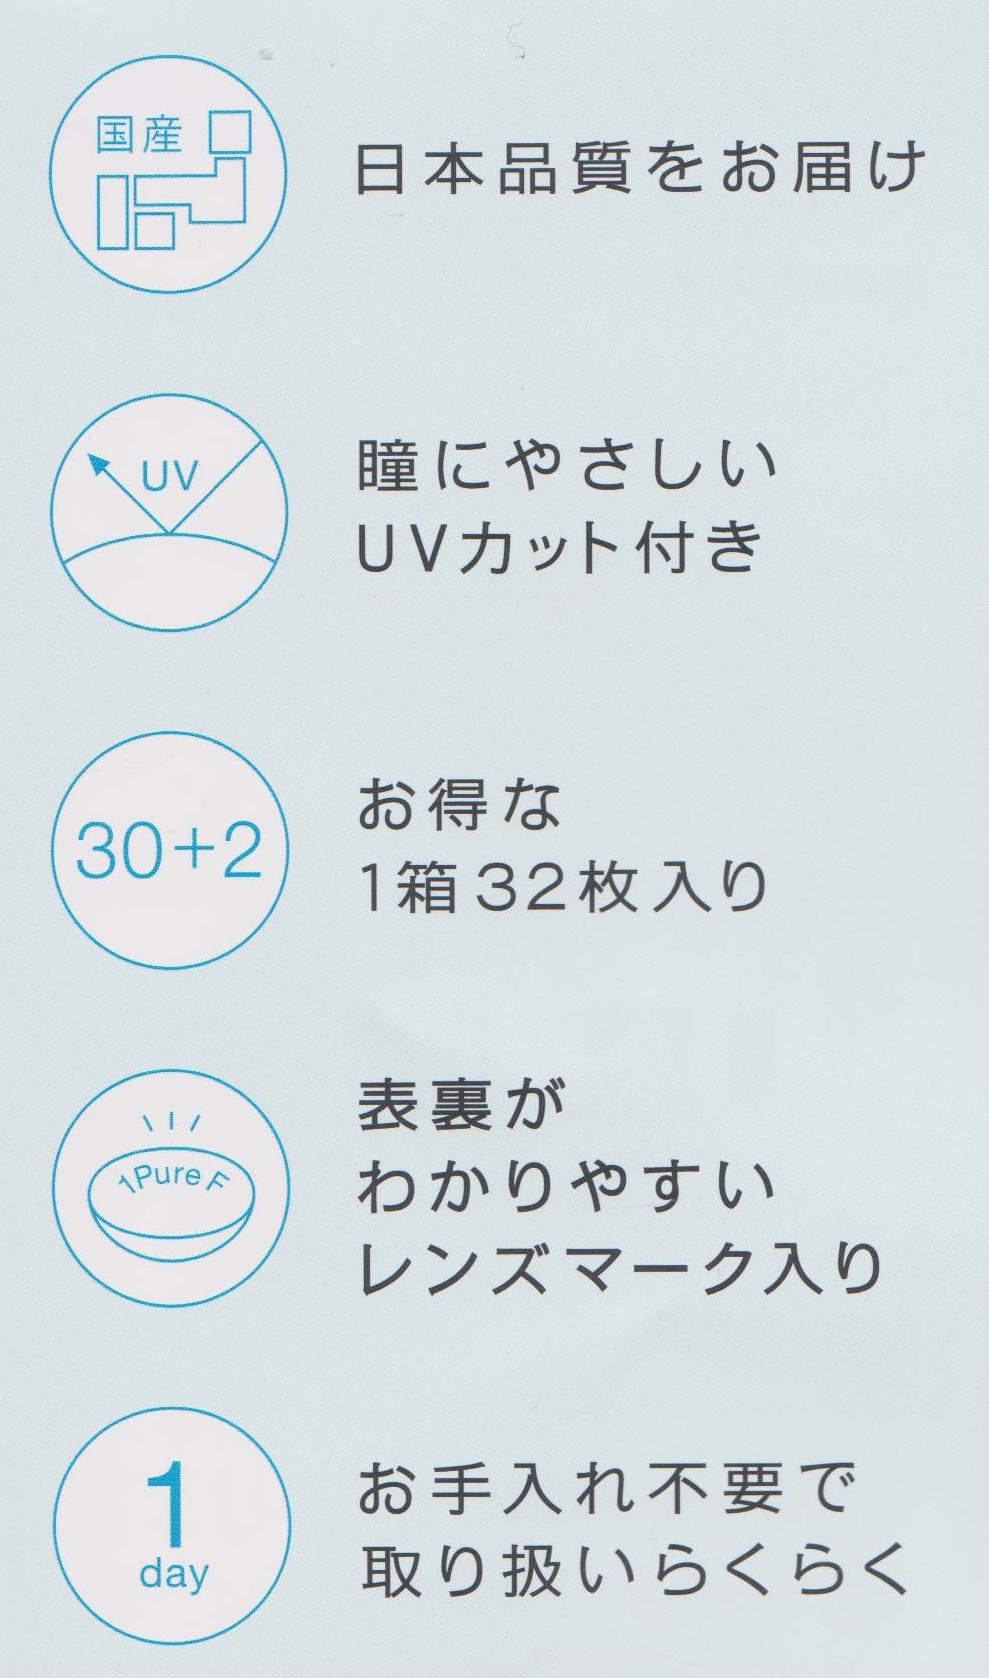 船堀 東京都 江戸川区 船堀 メガネ 視力検査